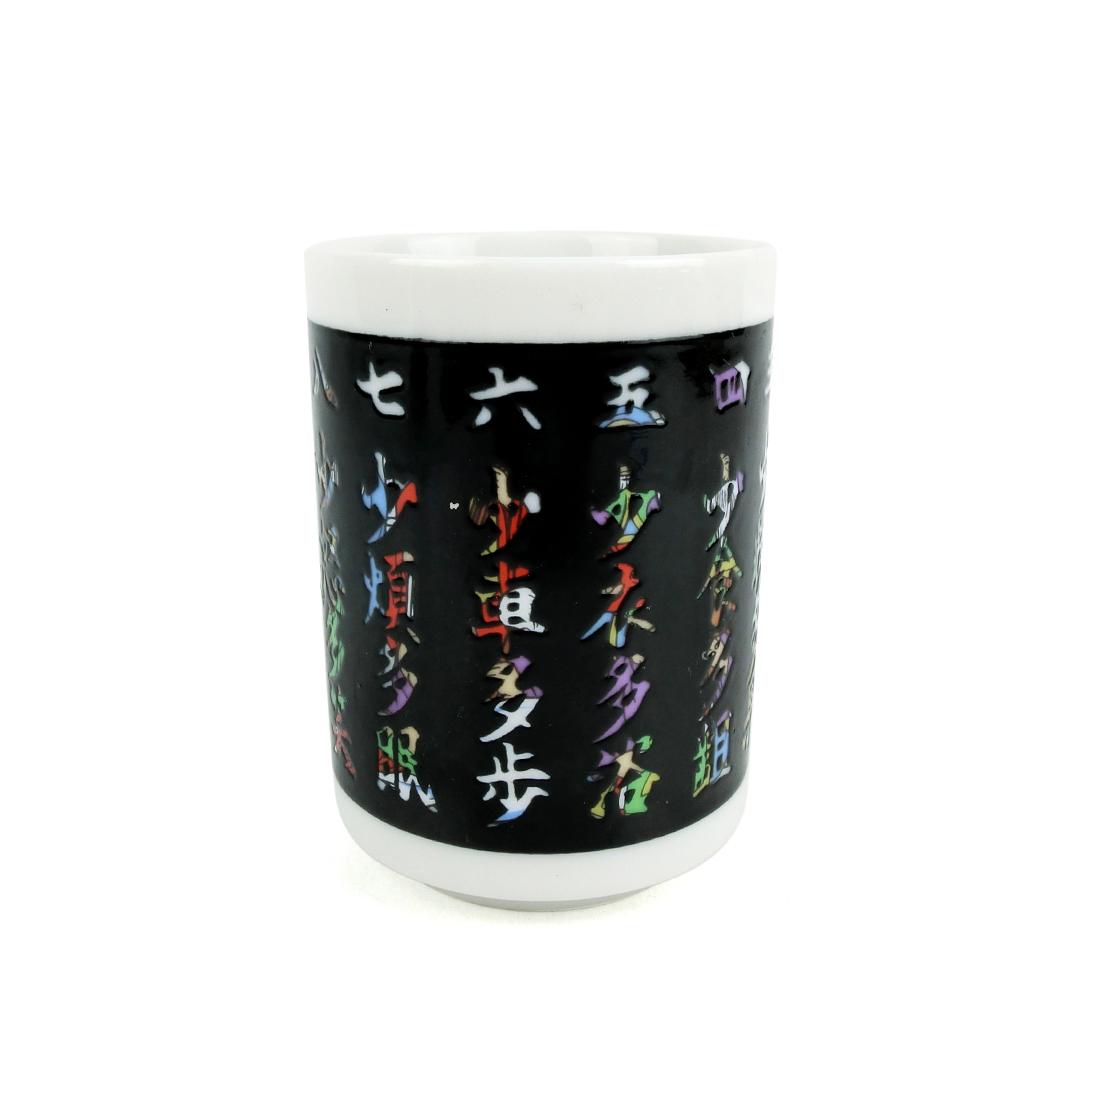 Chung Trà Sứ Chữ Đổi Hình Thất Phúc Thần Có Triện - Nhật - 6 x 8.5 cm - 232220